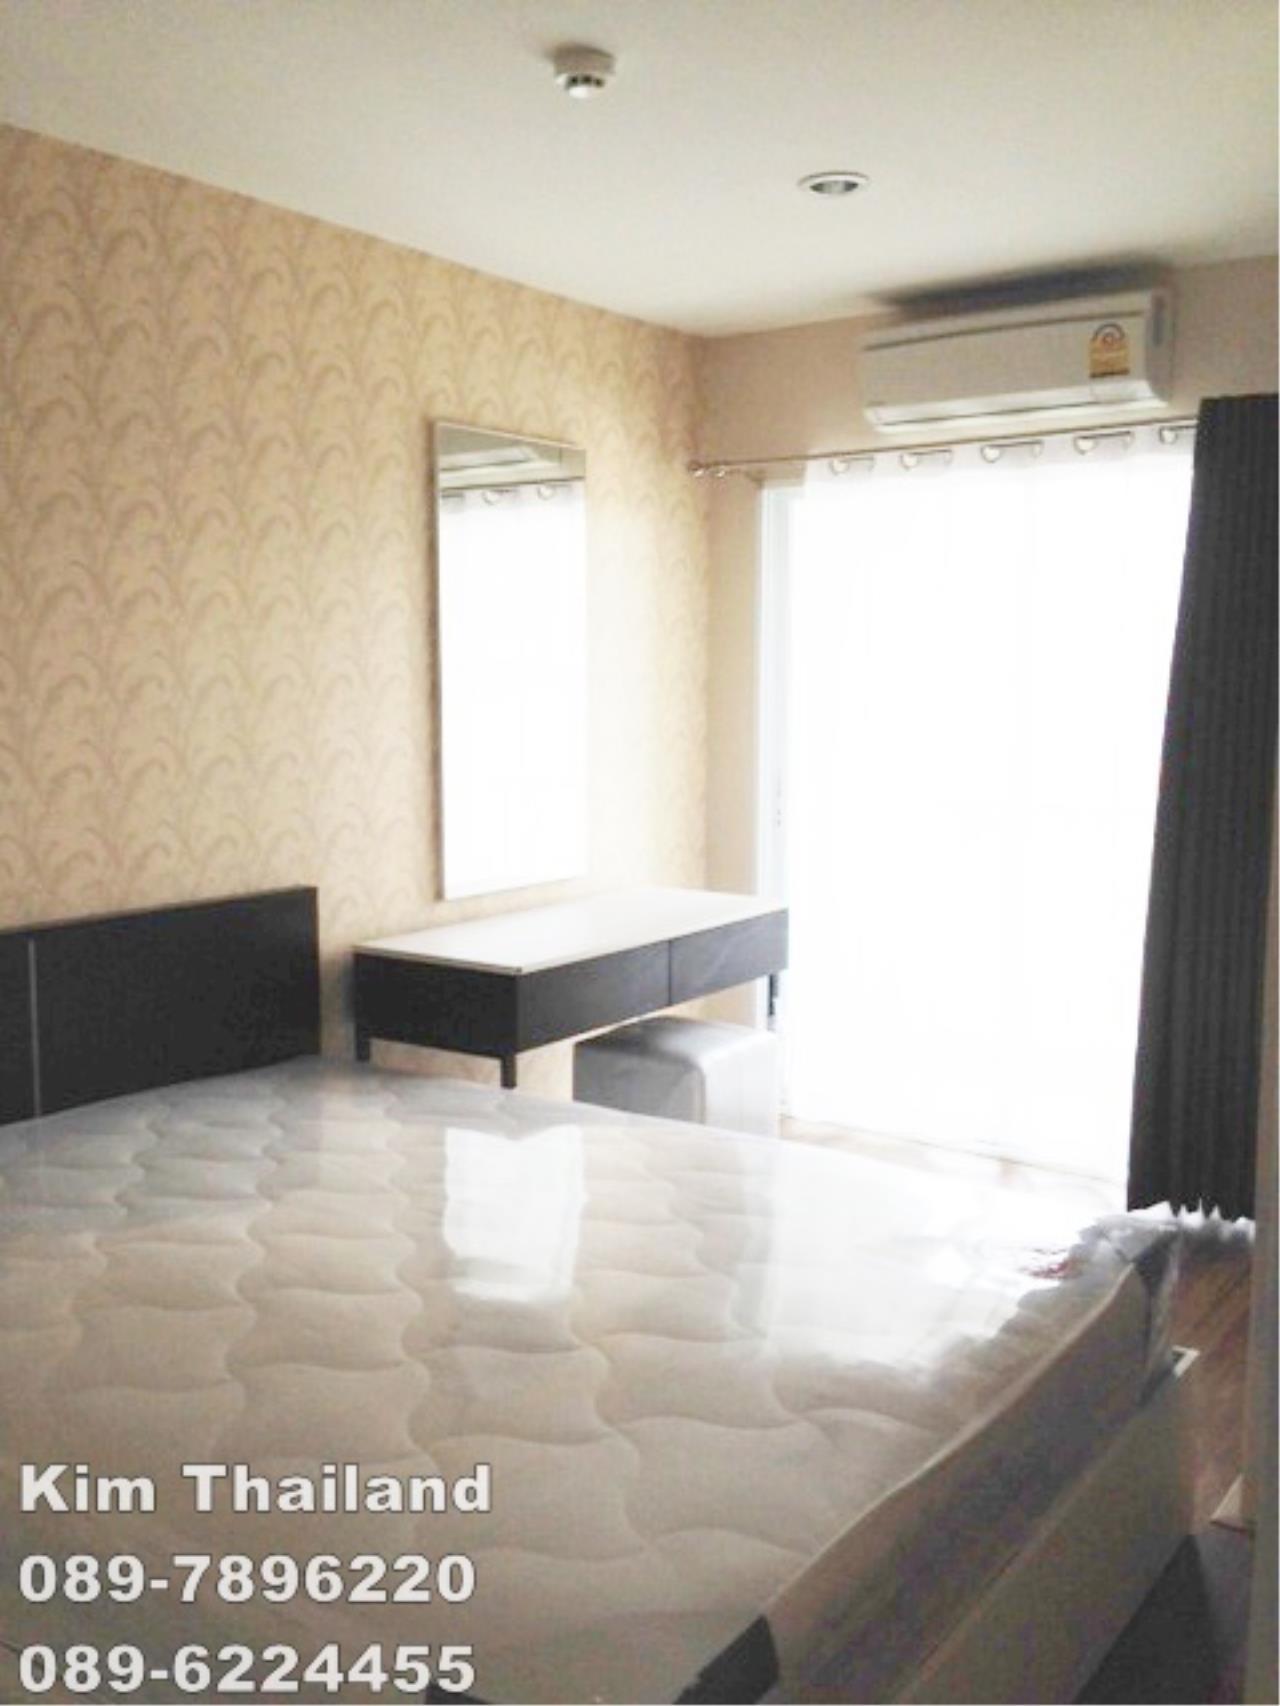 ให้เช่าคอนโด เจ พี สมาร์ท คอนโด พื้นที่ 45 ตรม. 1 ห้องนอน เช่า 14,000 บ/ด